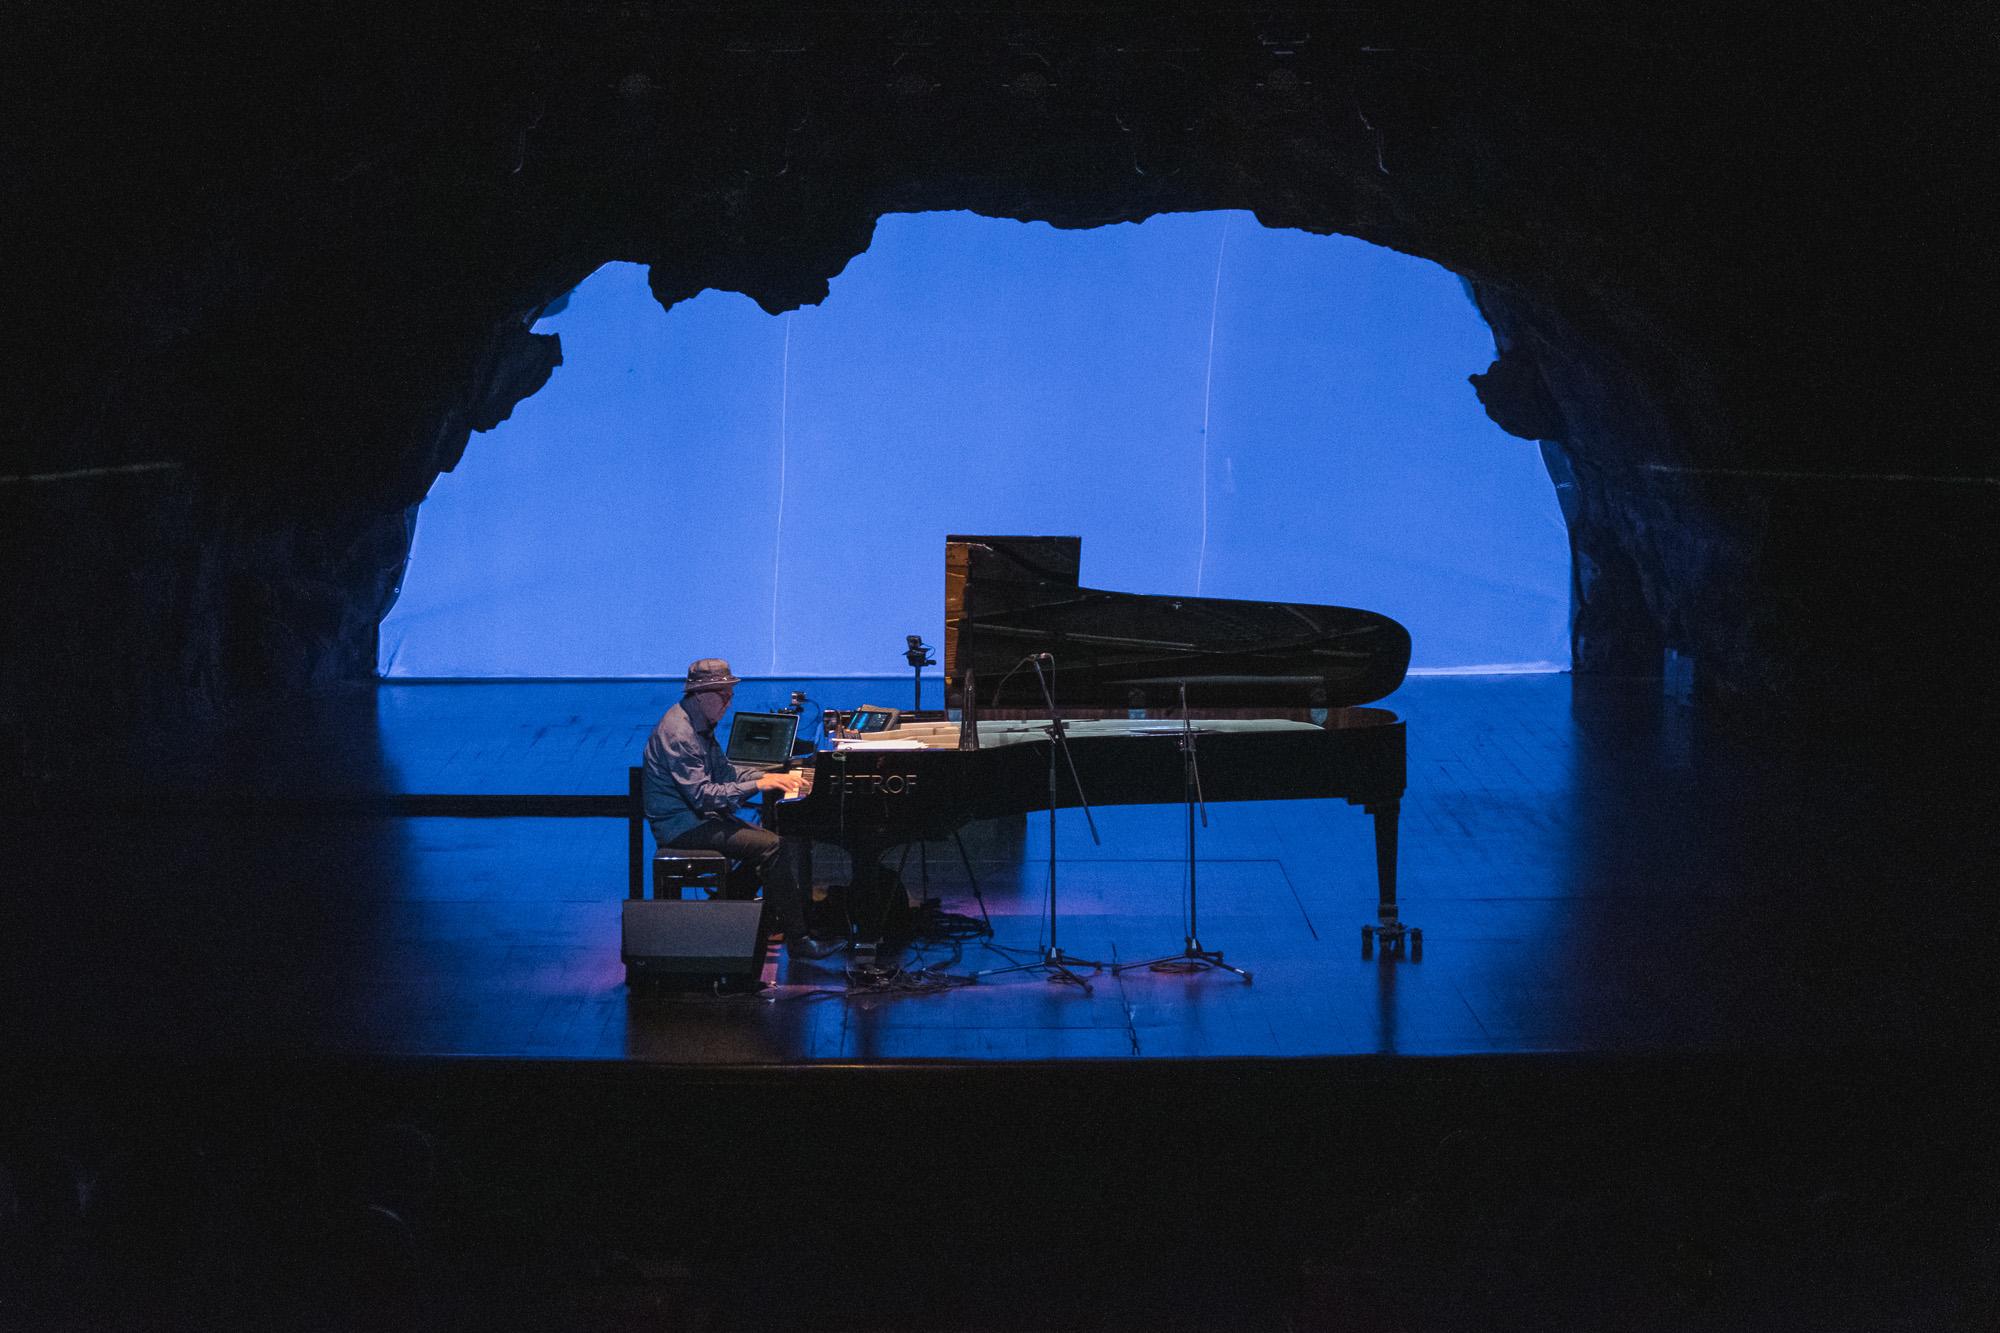 La sutileza de Jon Balke inaugura con éxito el 16º Festival de Música Visual